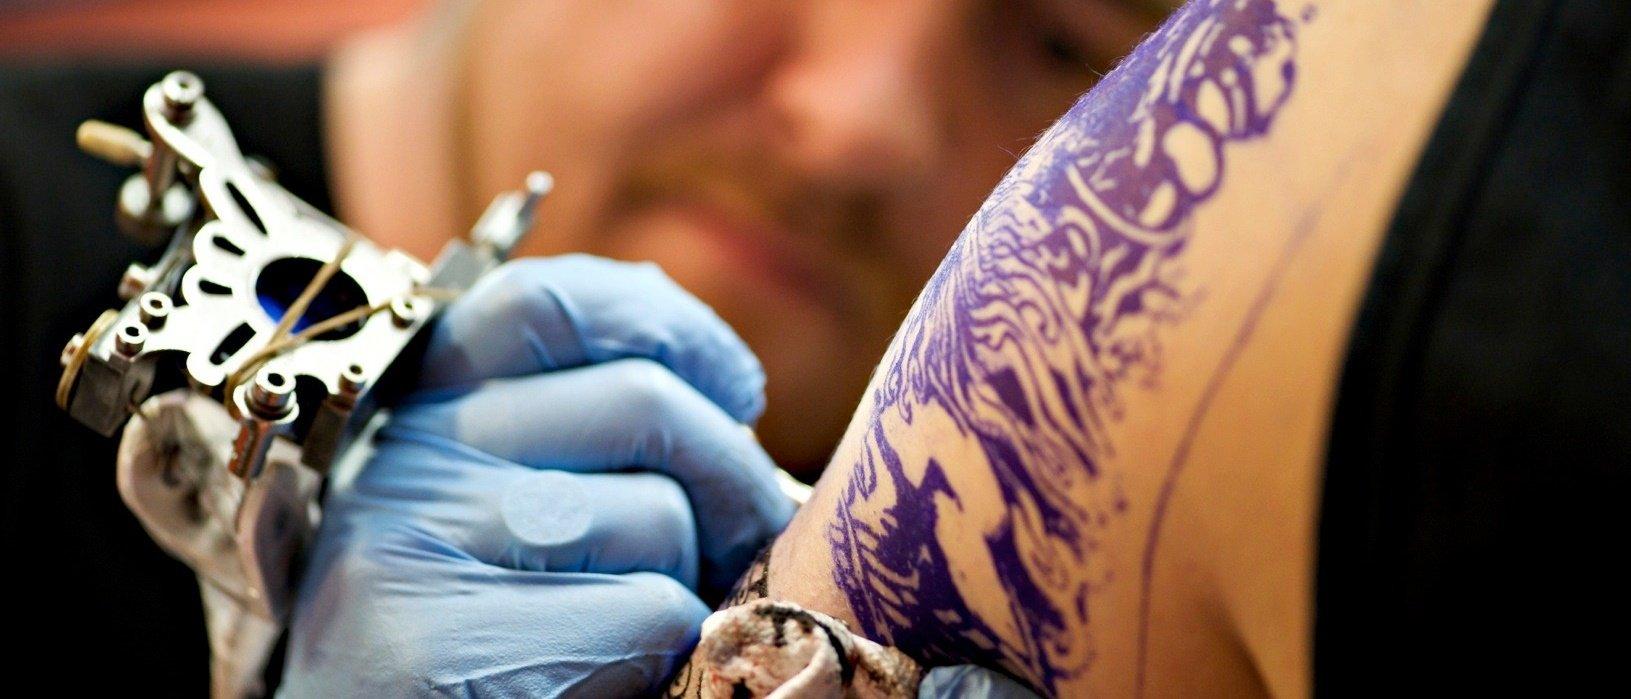 Canadense desenvolve creme para remover tatuagens sem dor ou cicatrizes